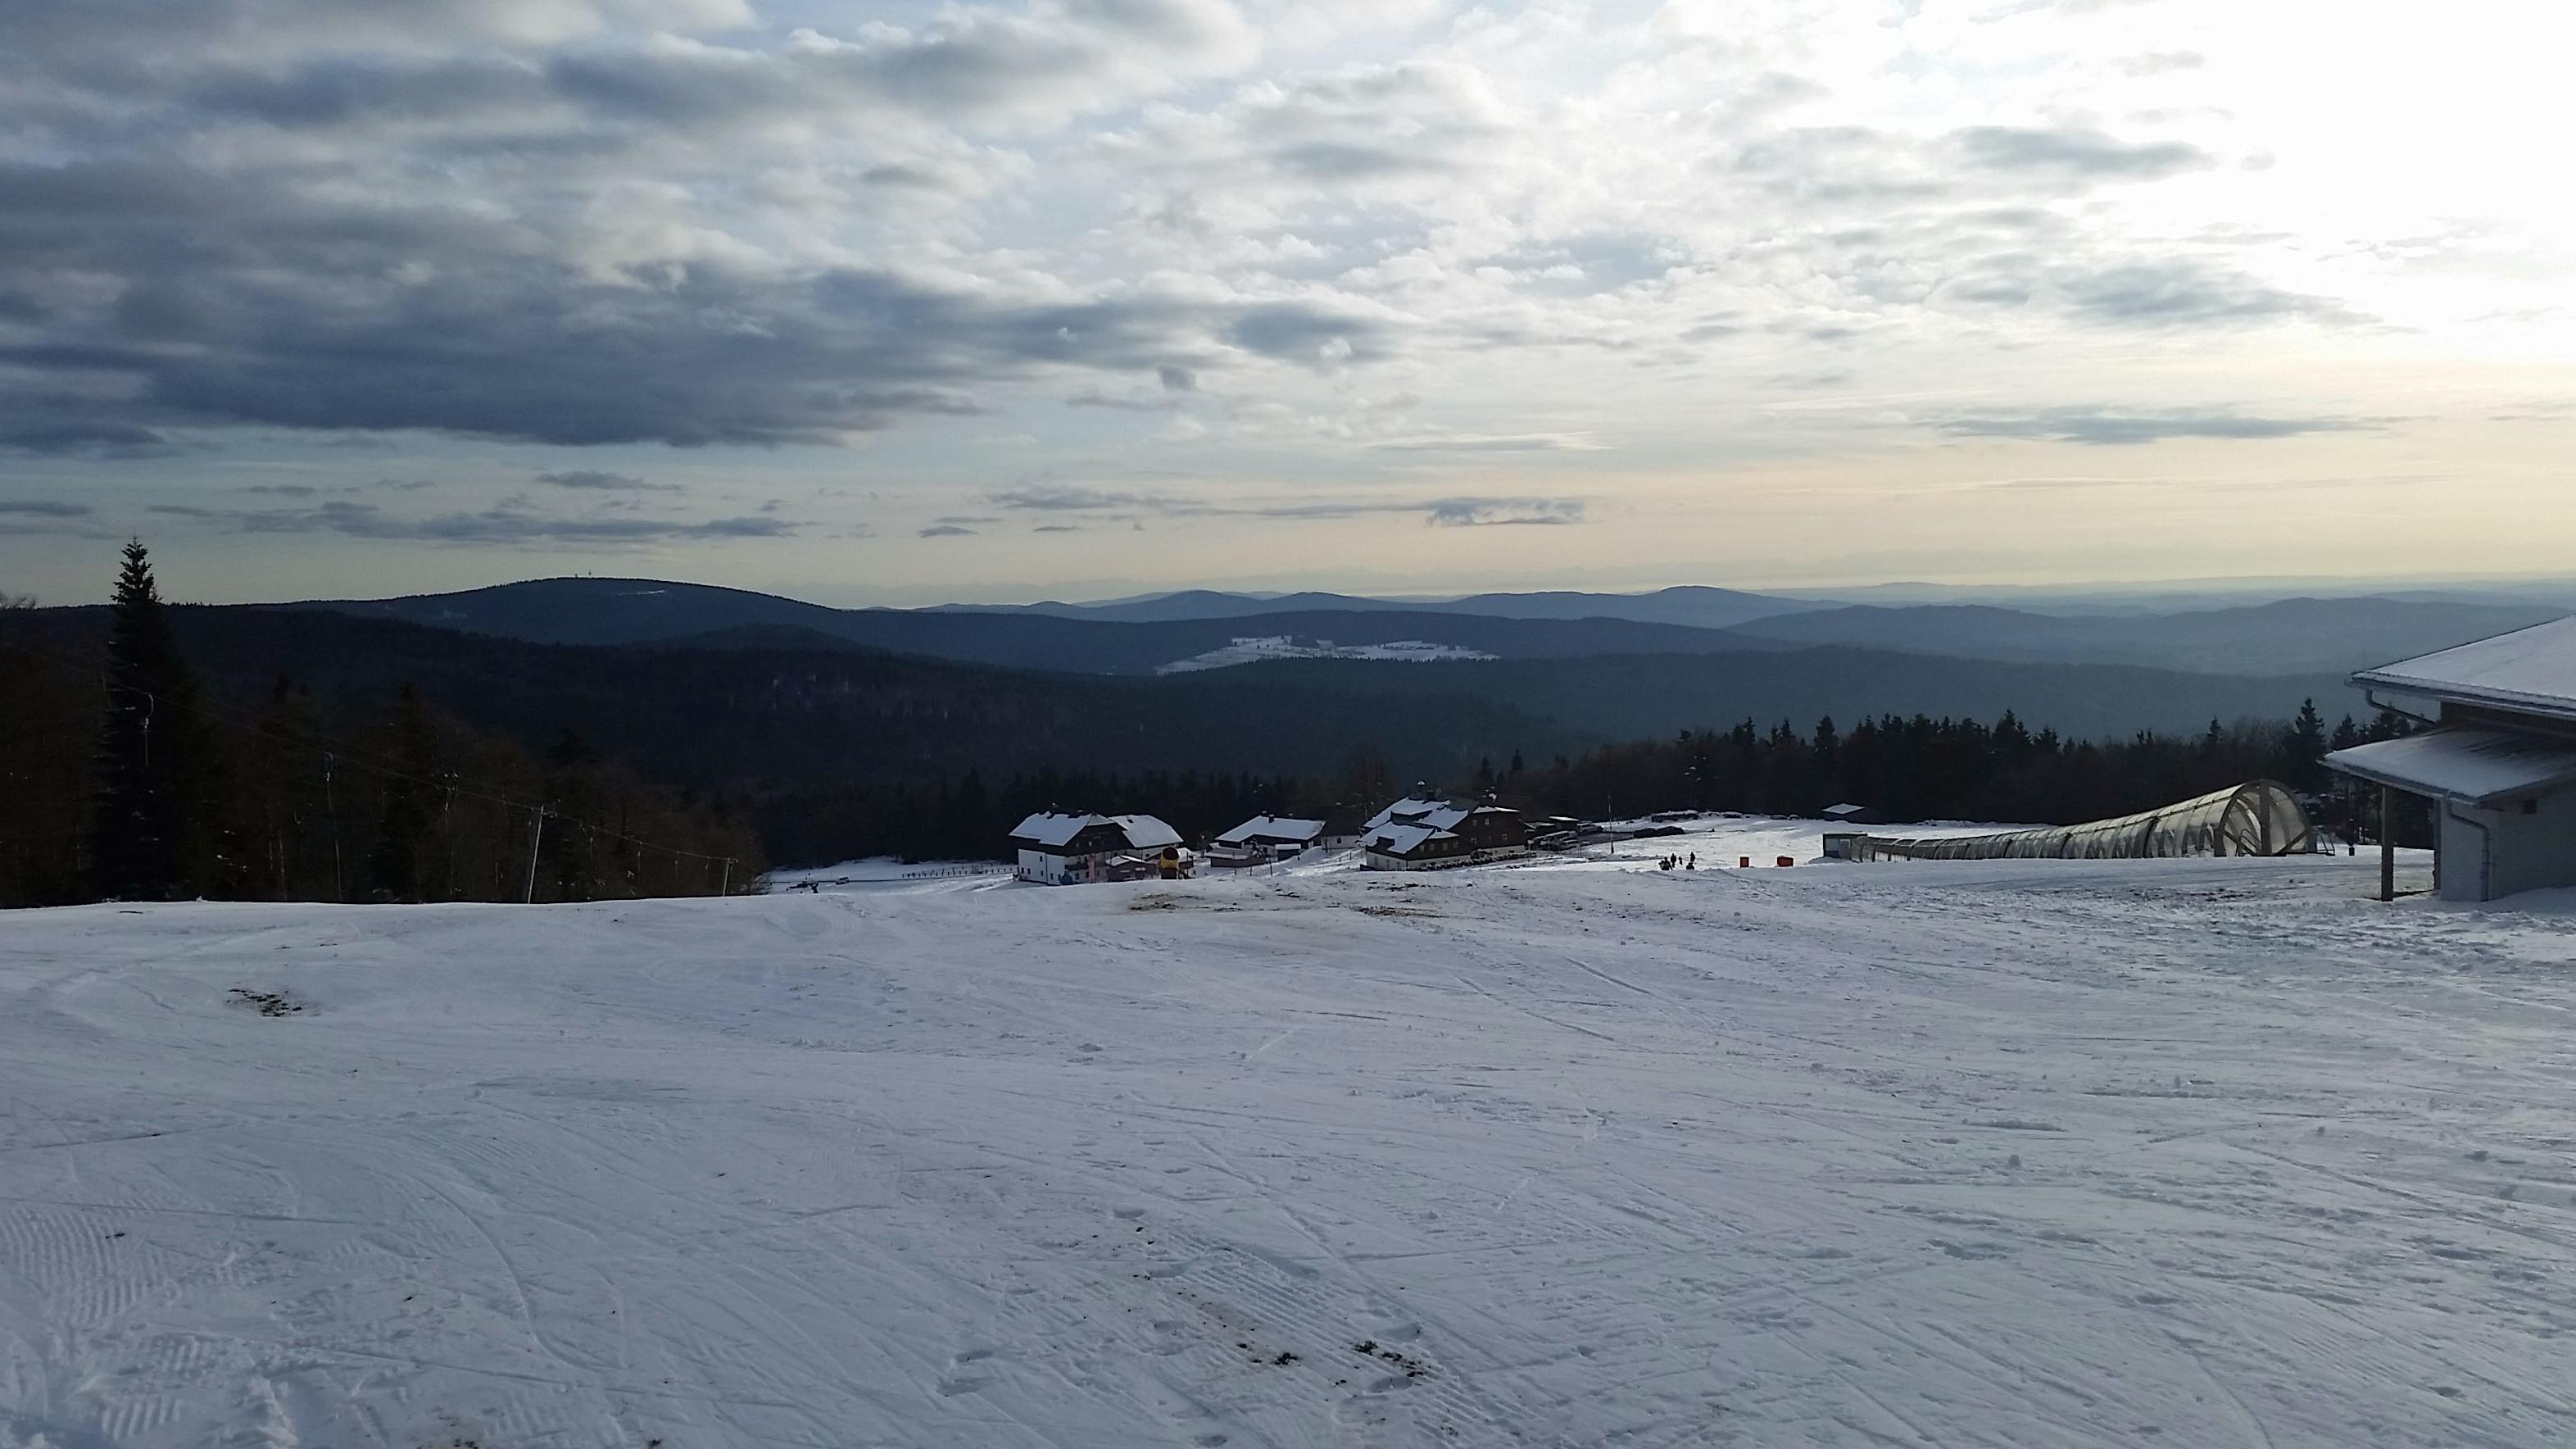 Skigebiet Mitterfirmiansreut im Winter